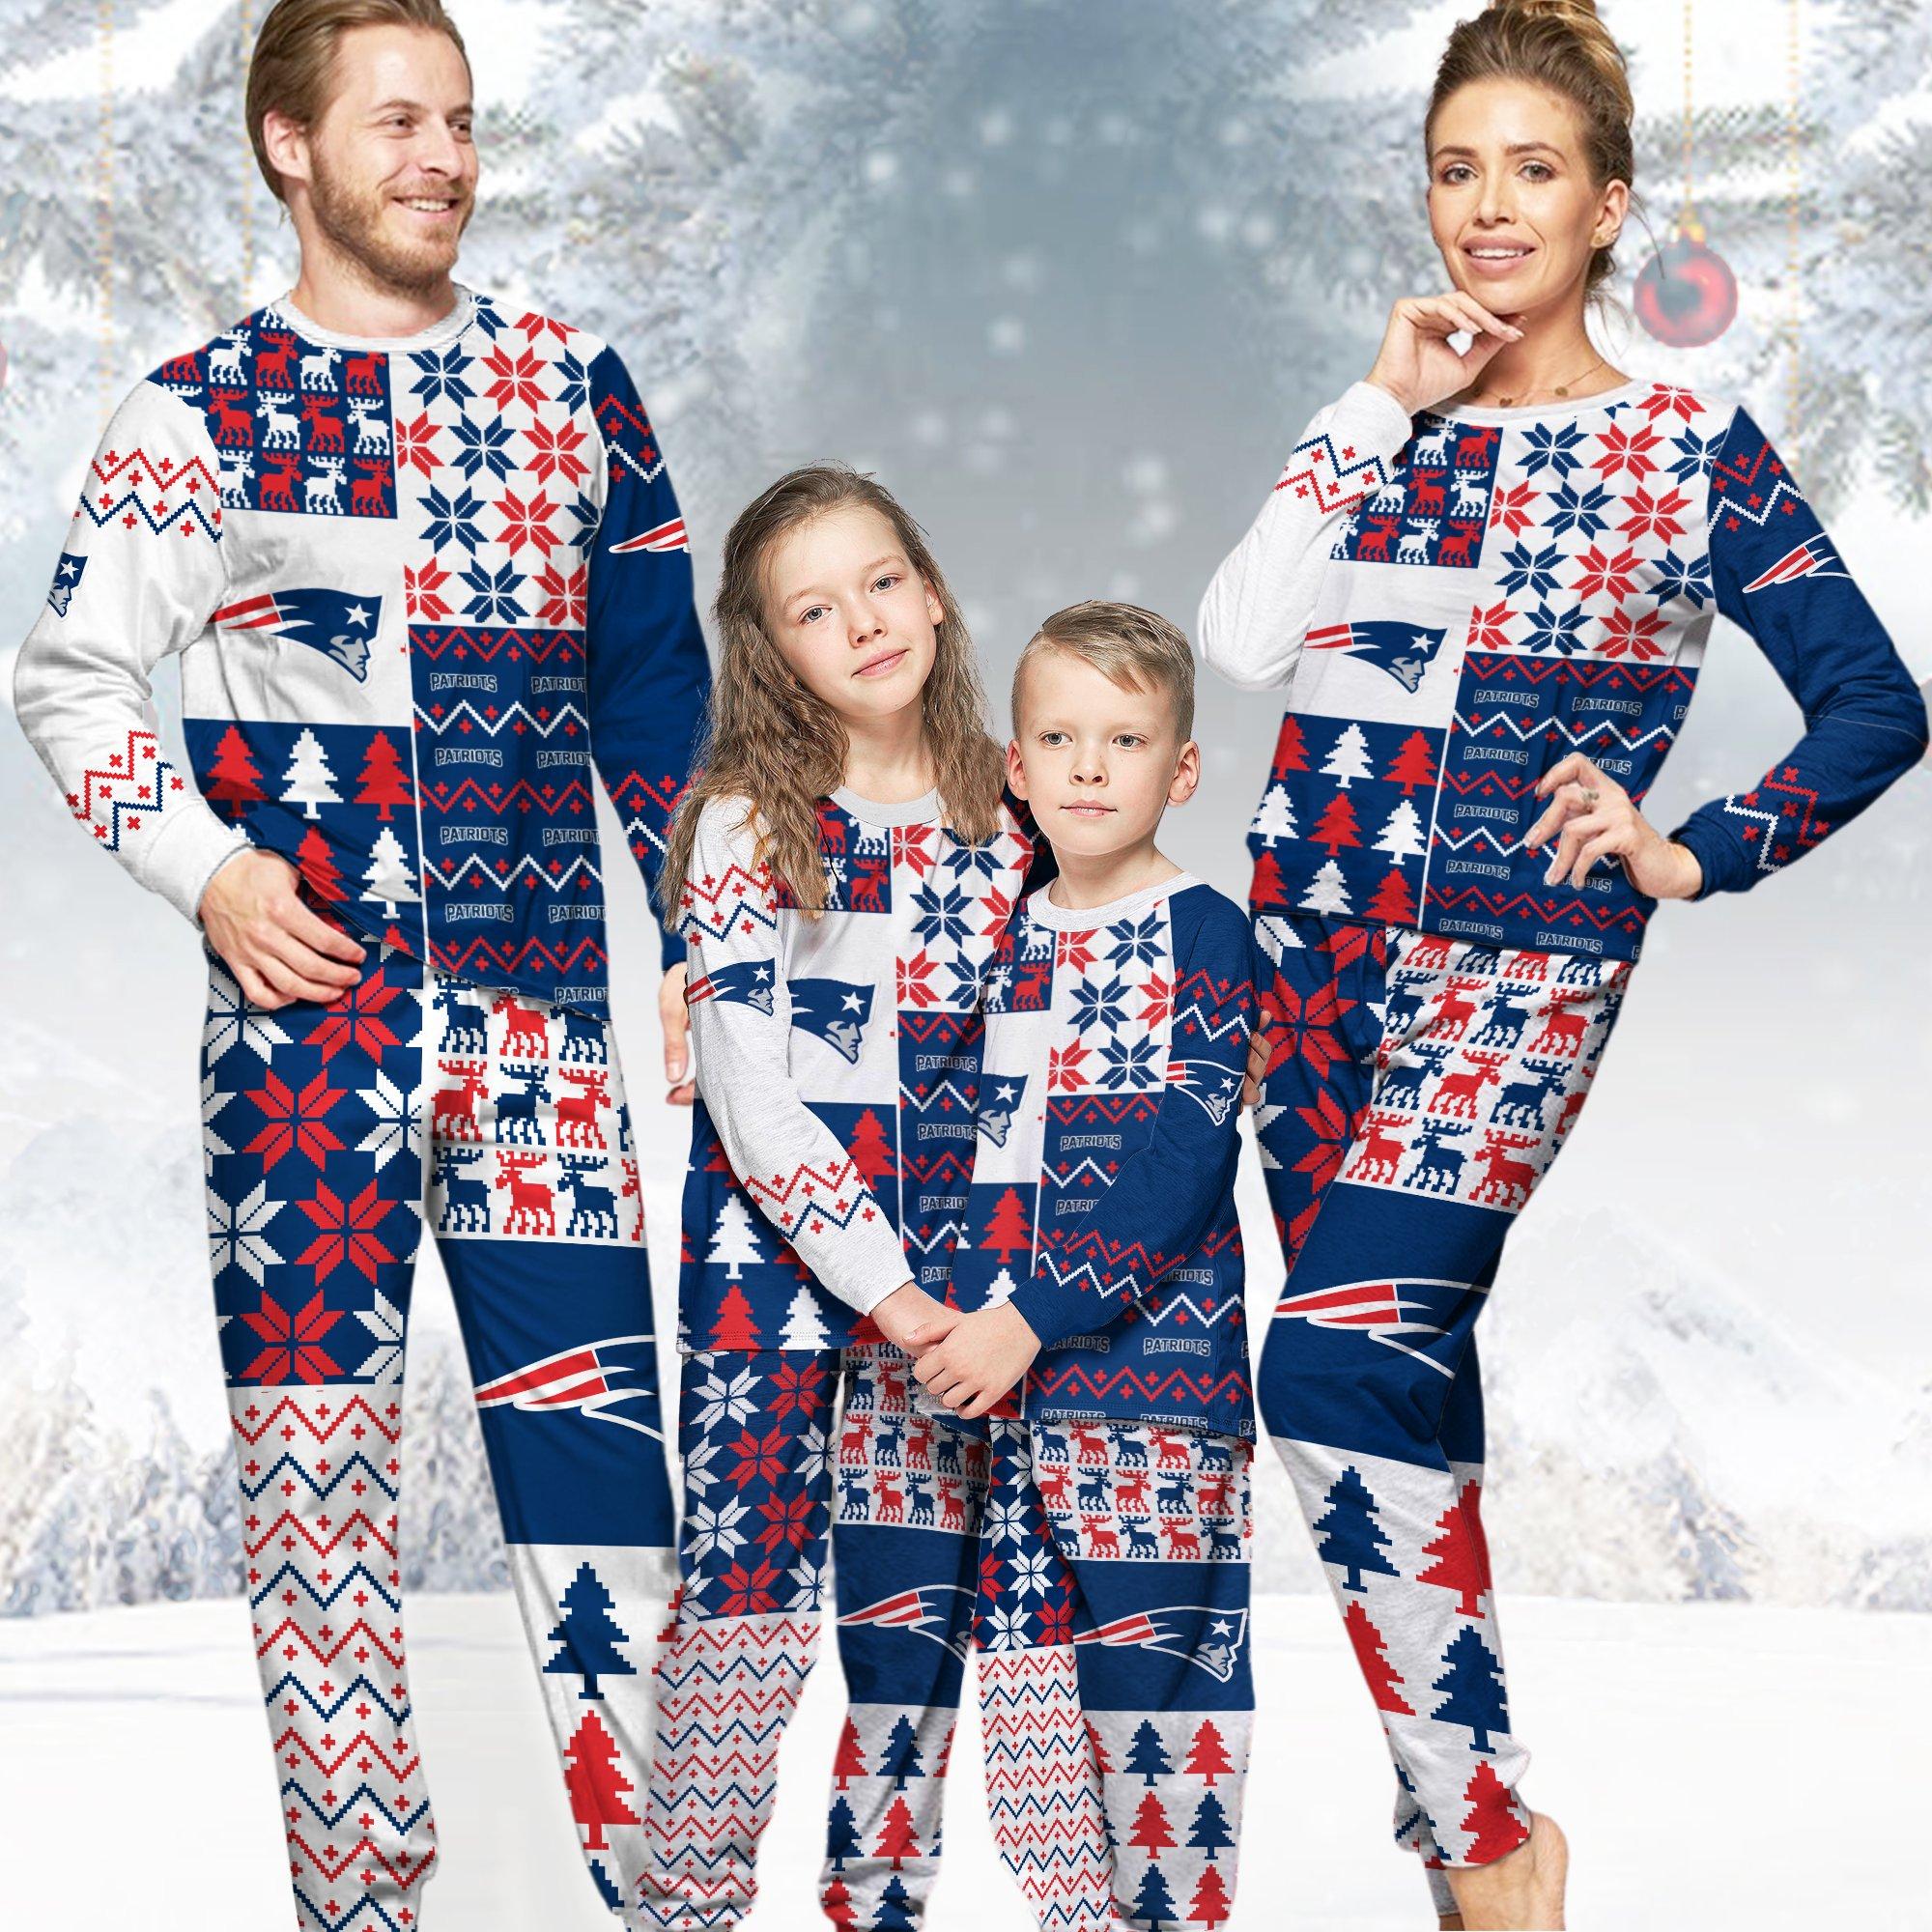 New England Patriots NFL Family Holiday Pajamas